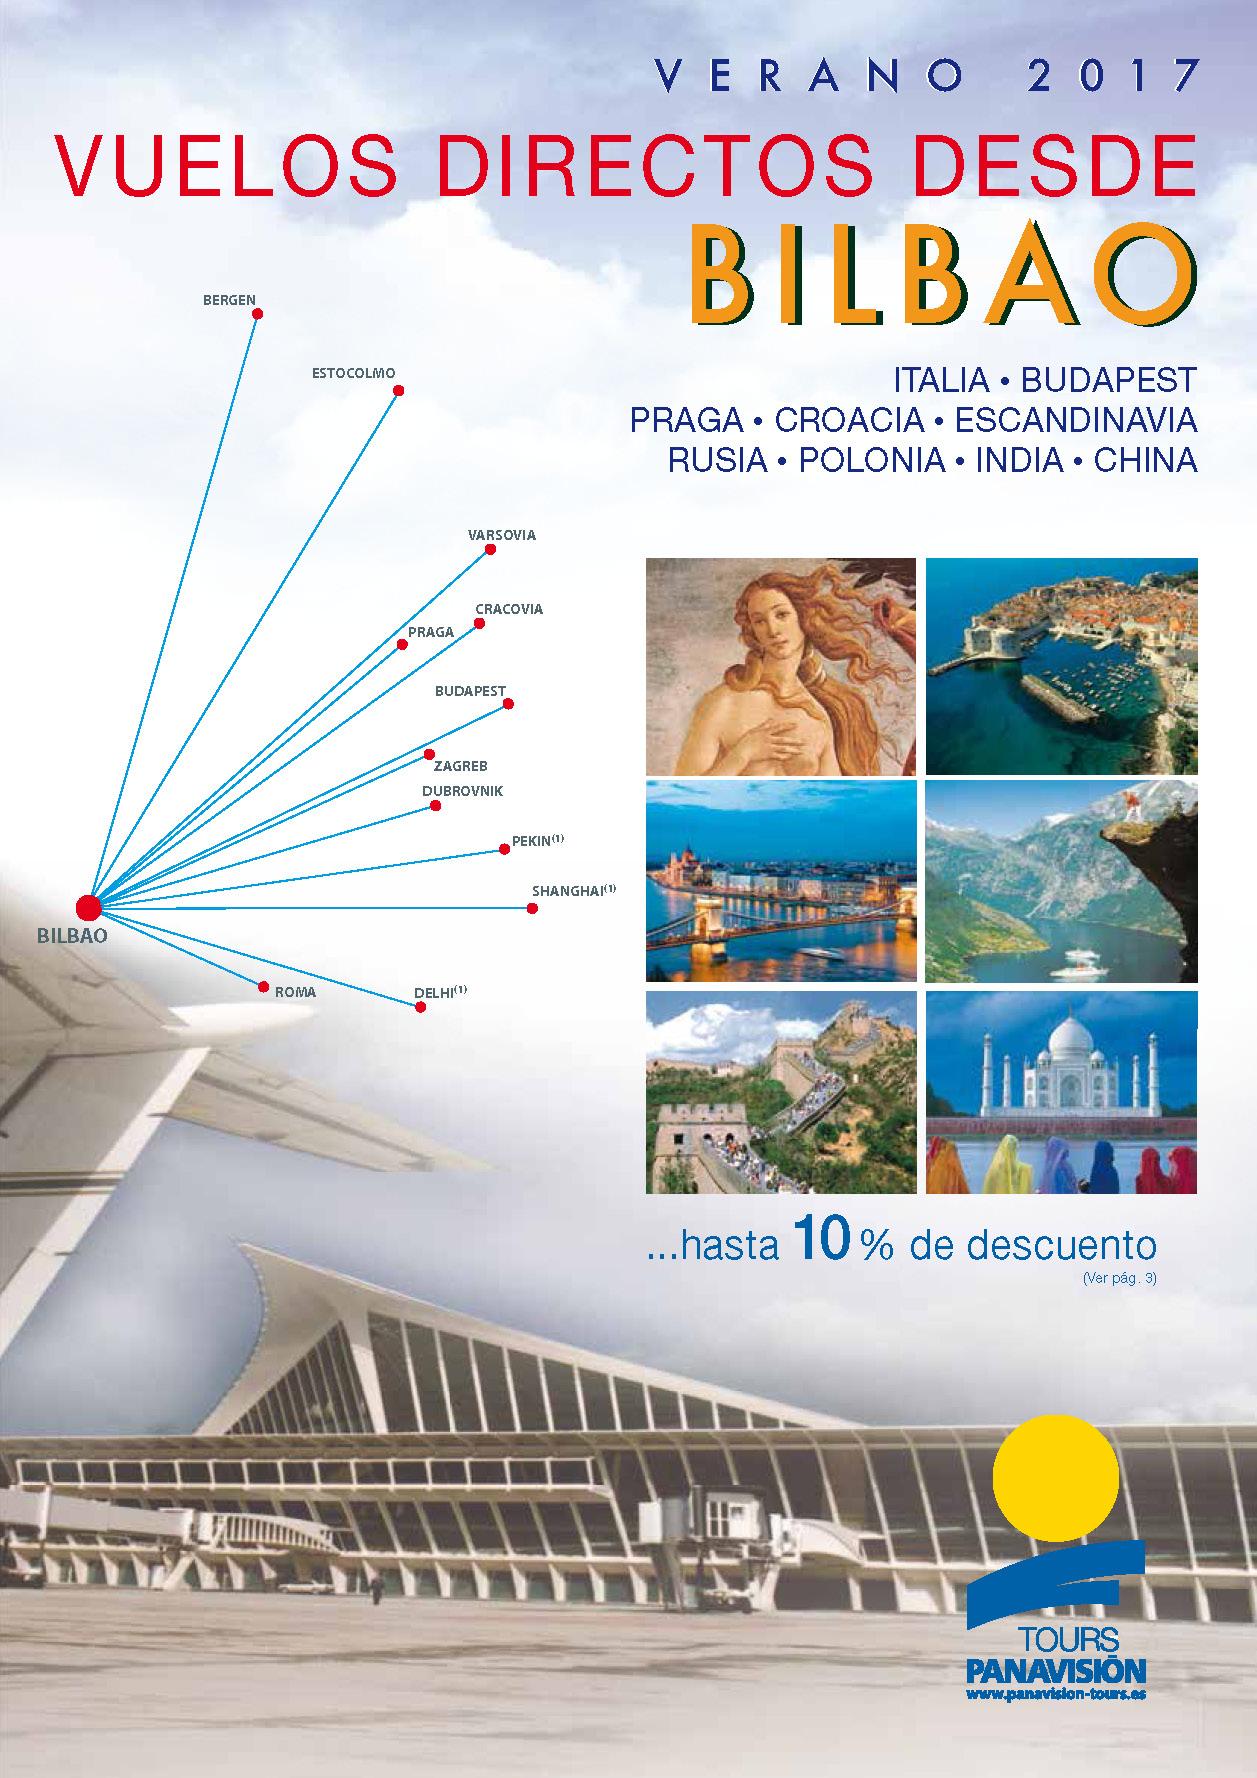 Catalogo Panavision Tours Circuitos Vuelo Directo Bilbao 2017